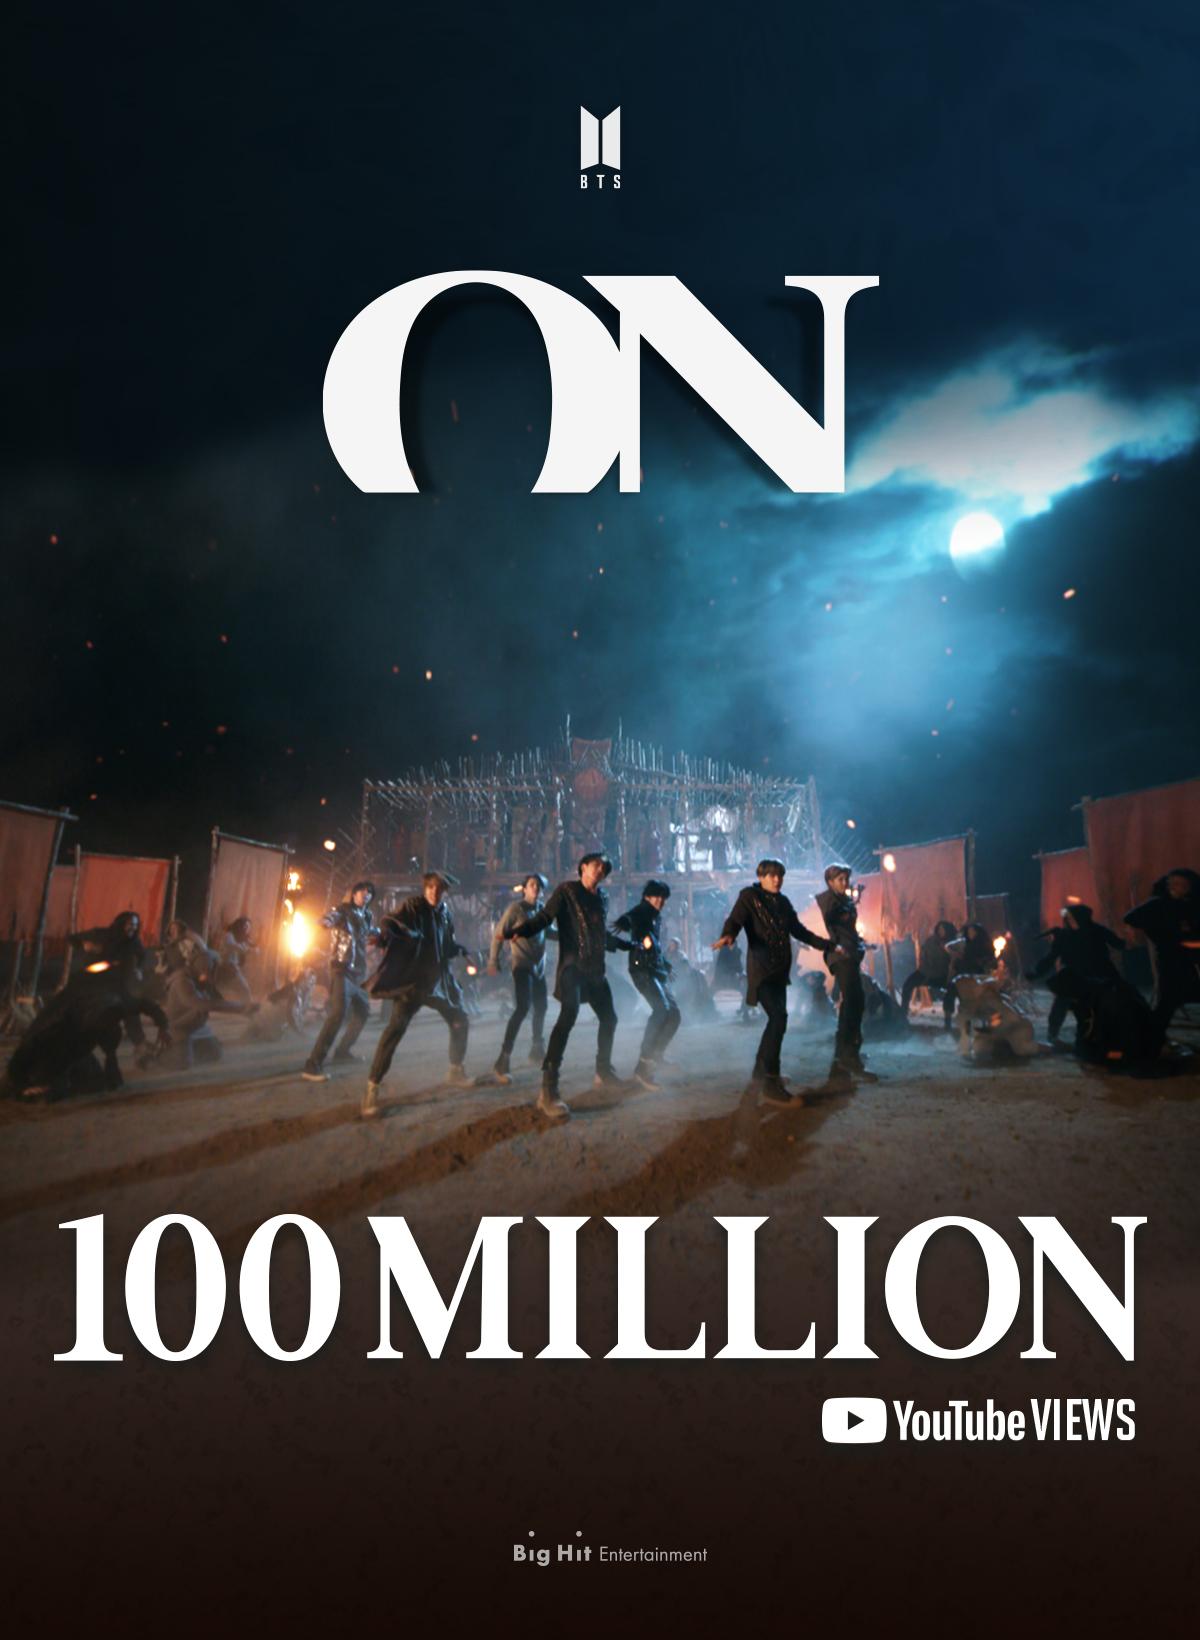 방탄소년단_ON 두 번째 MV_1억뷰 이미지.jpg